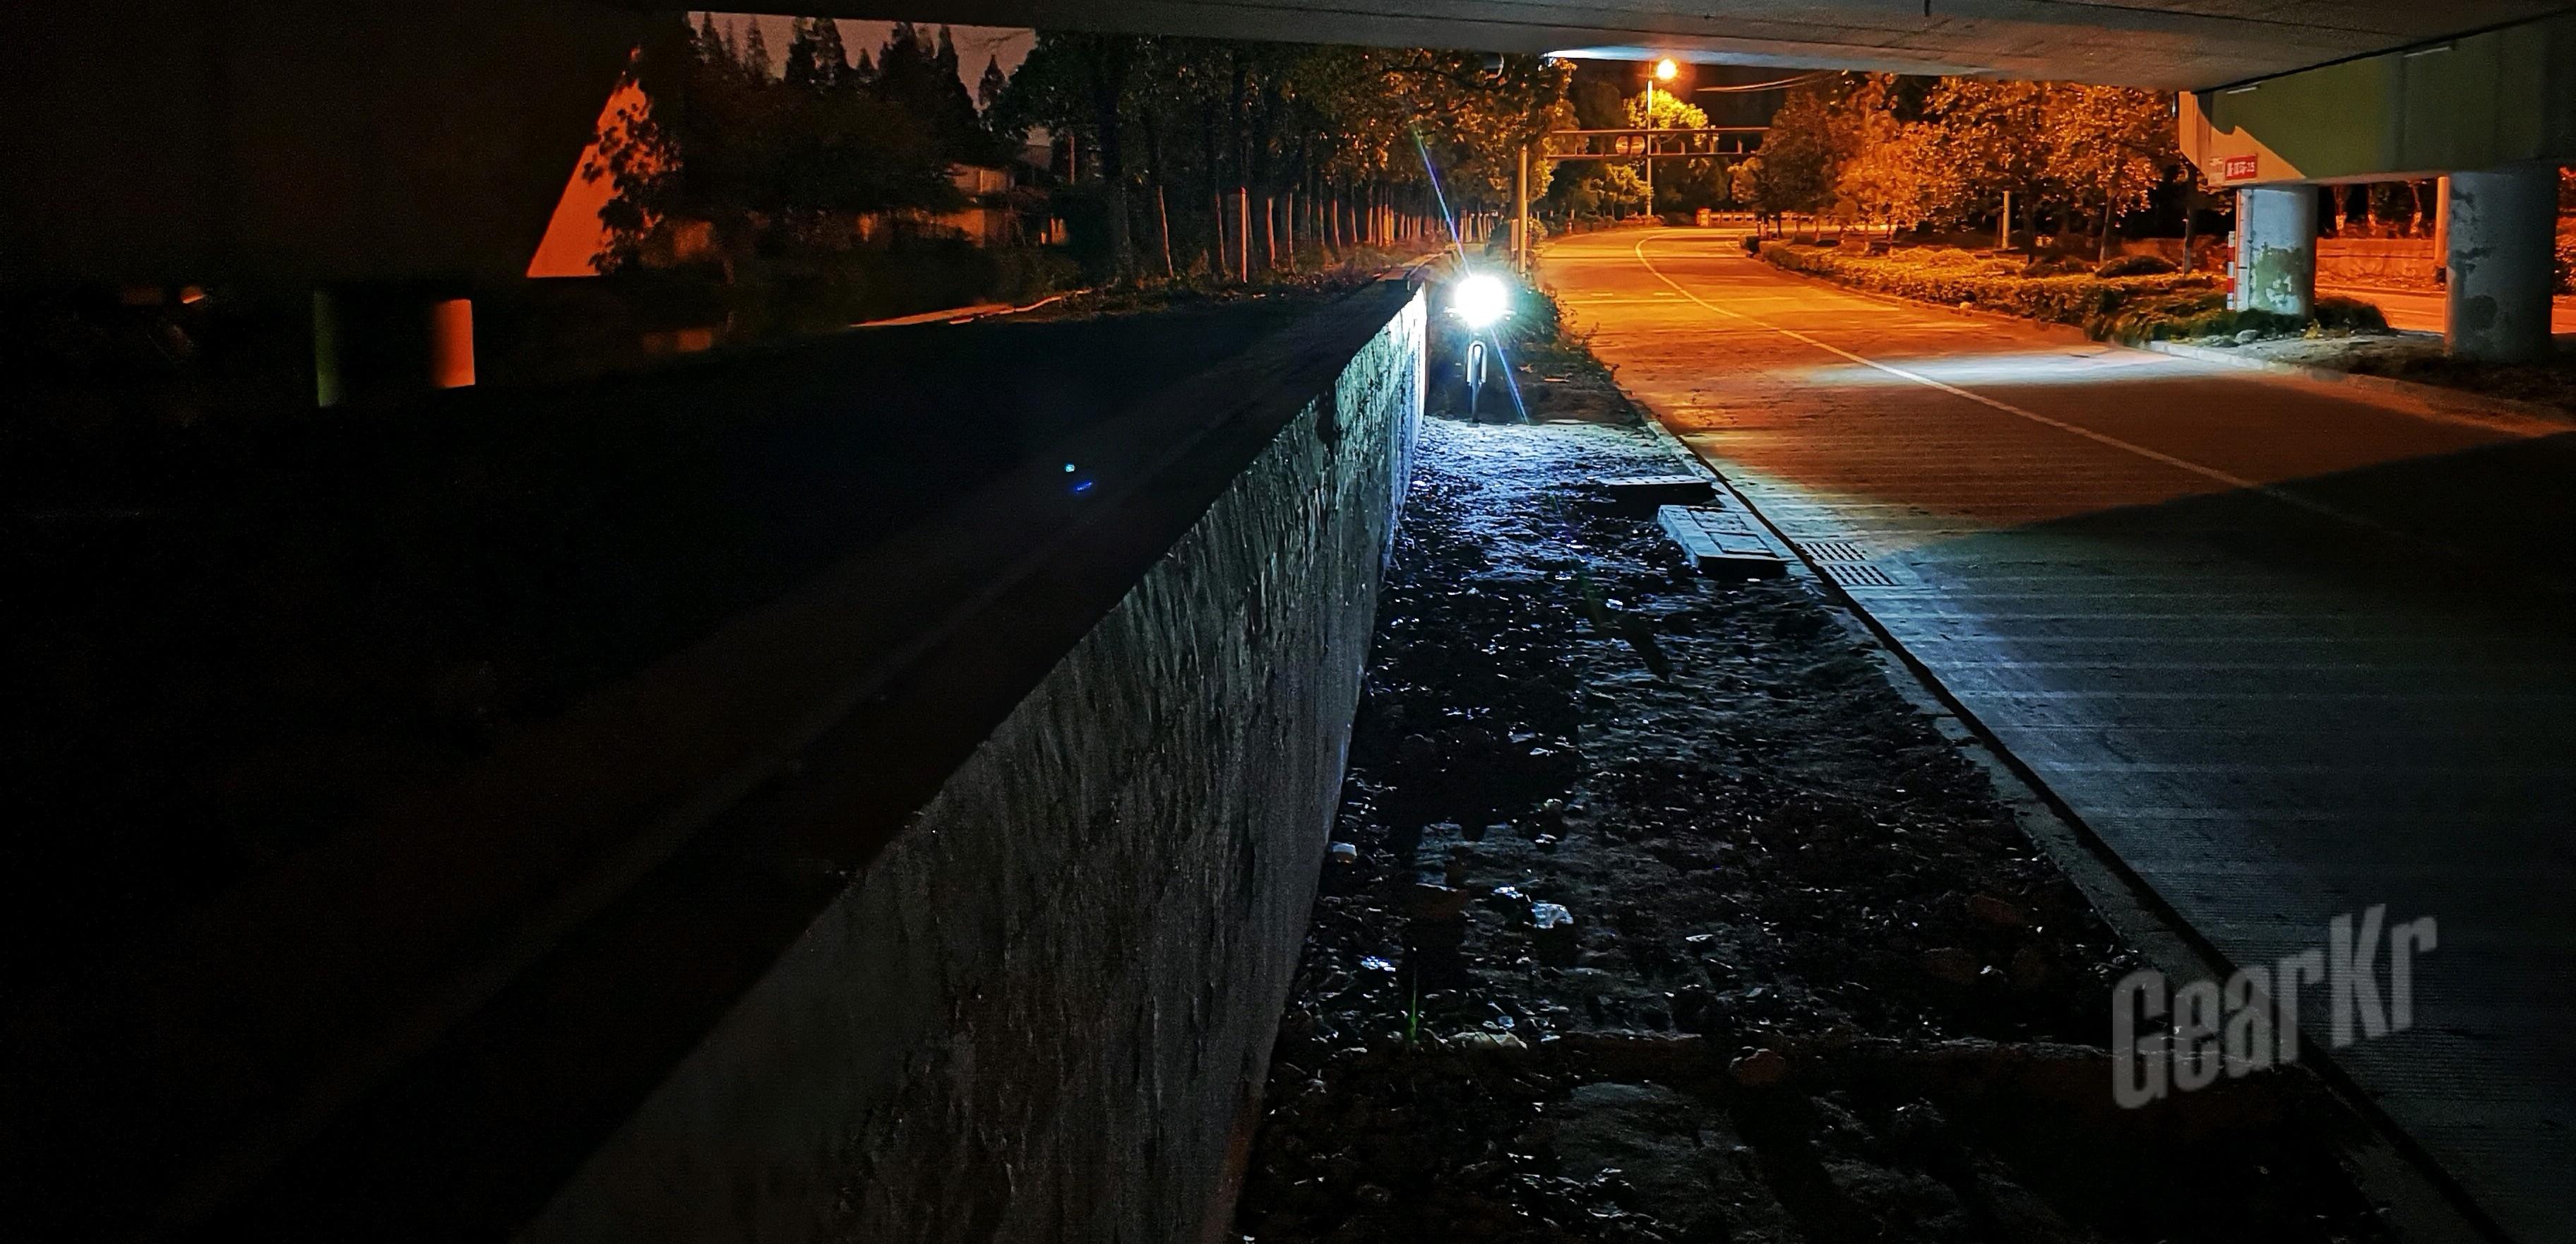 城市夜骑照明解决方案——纳丽德B20专业自行车灯及其选配套件